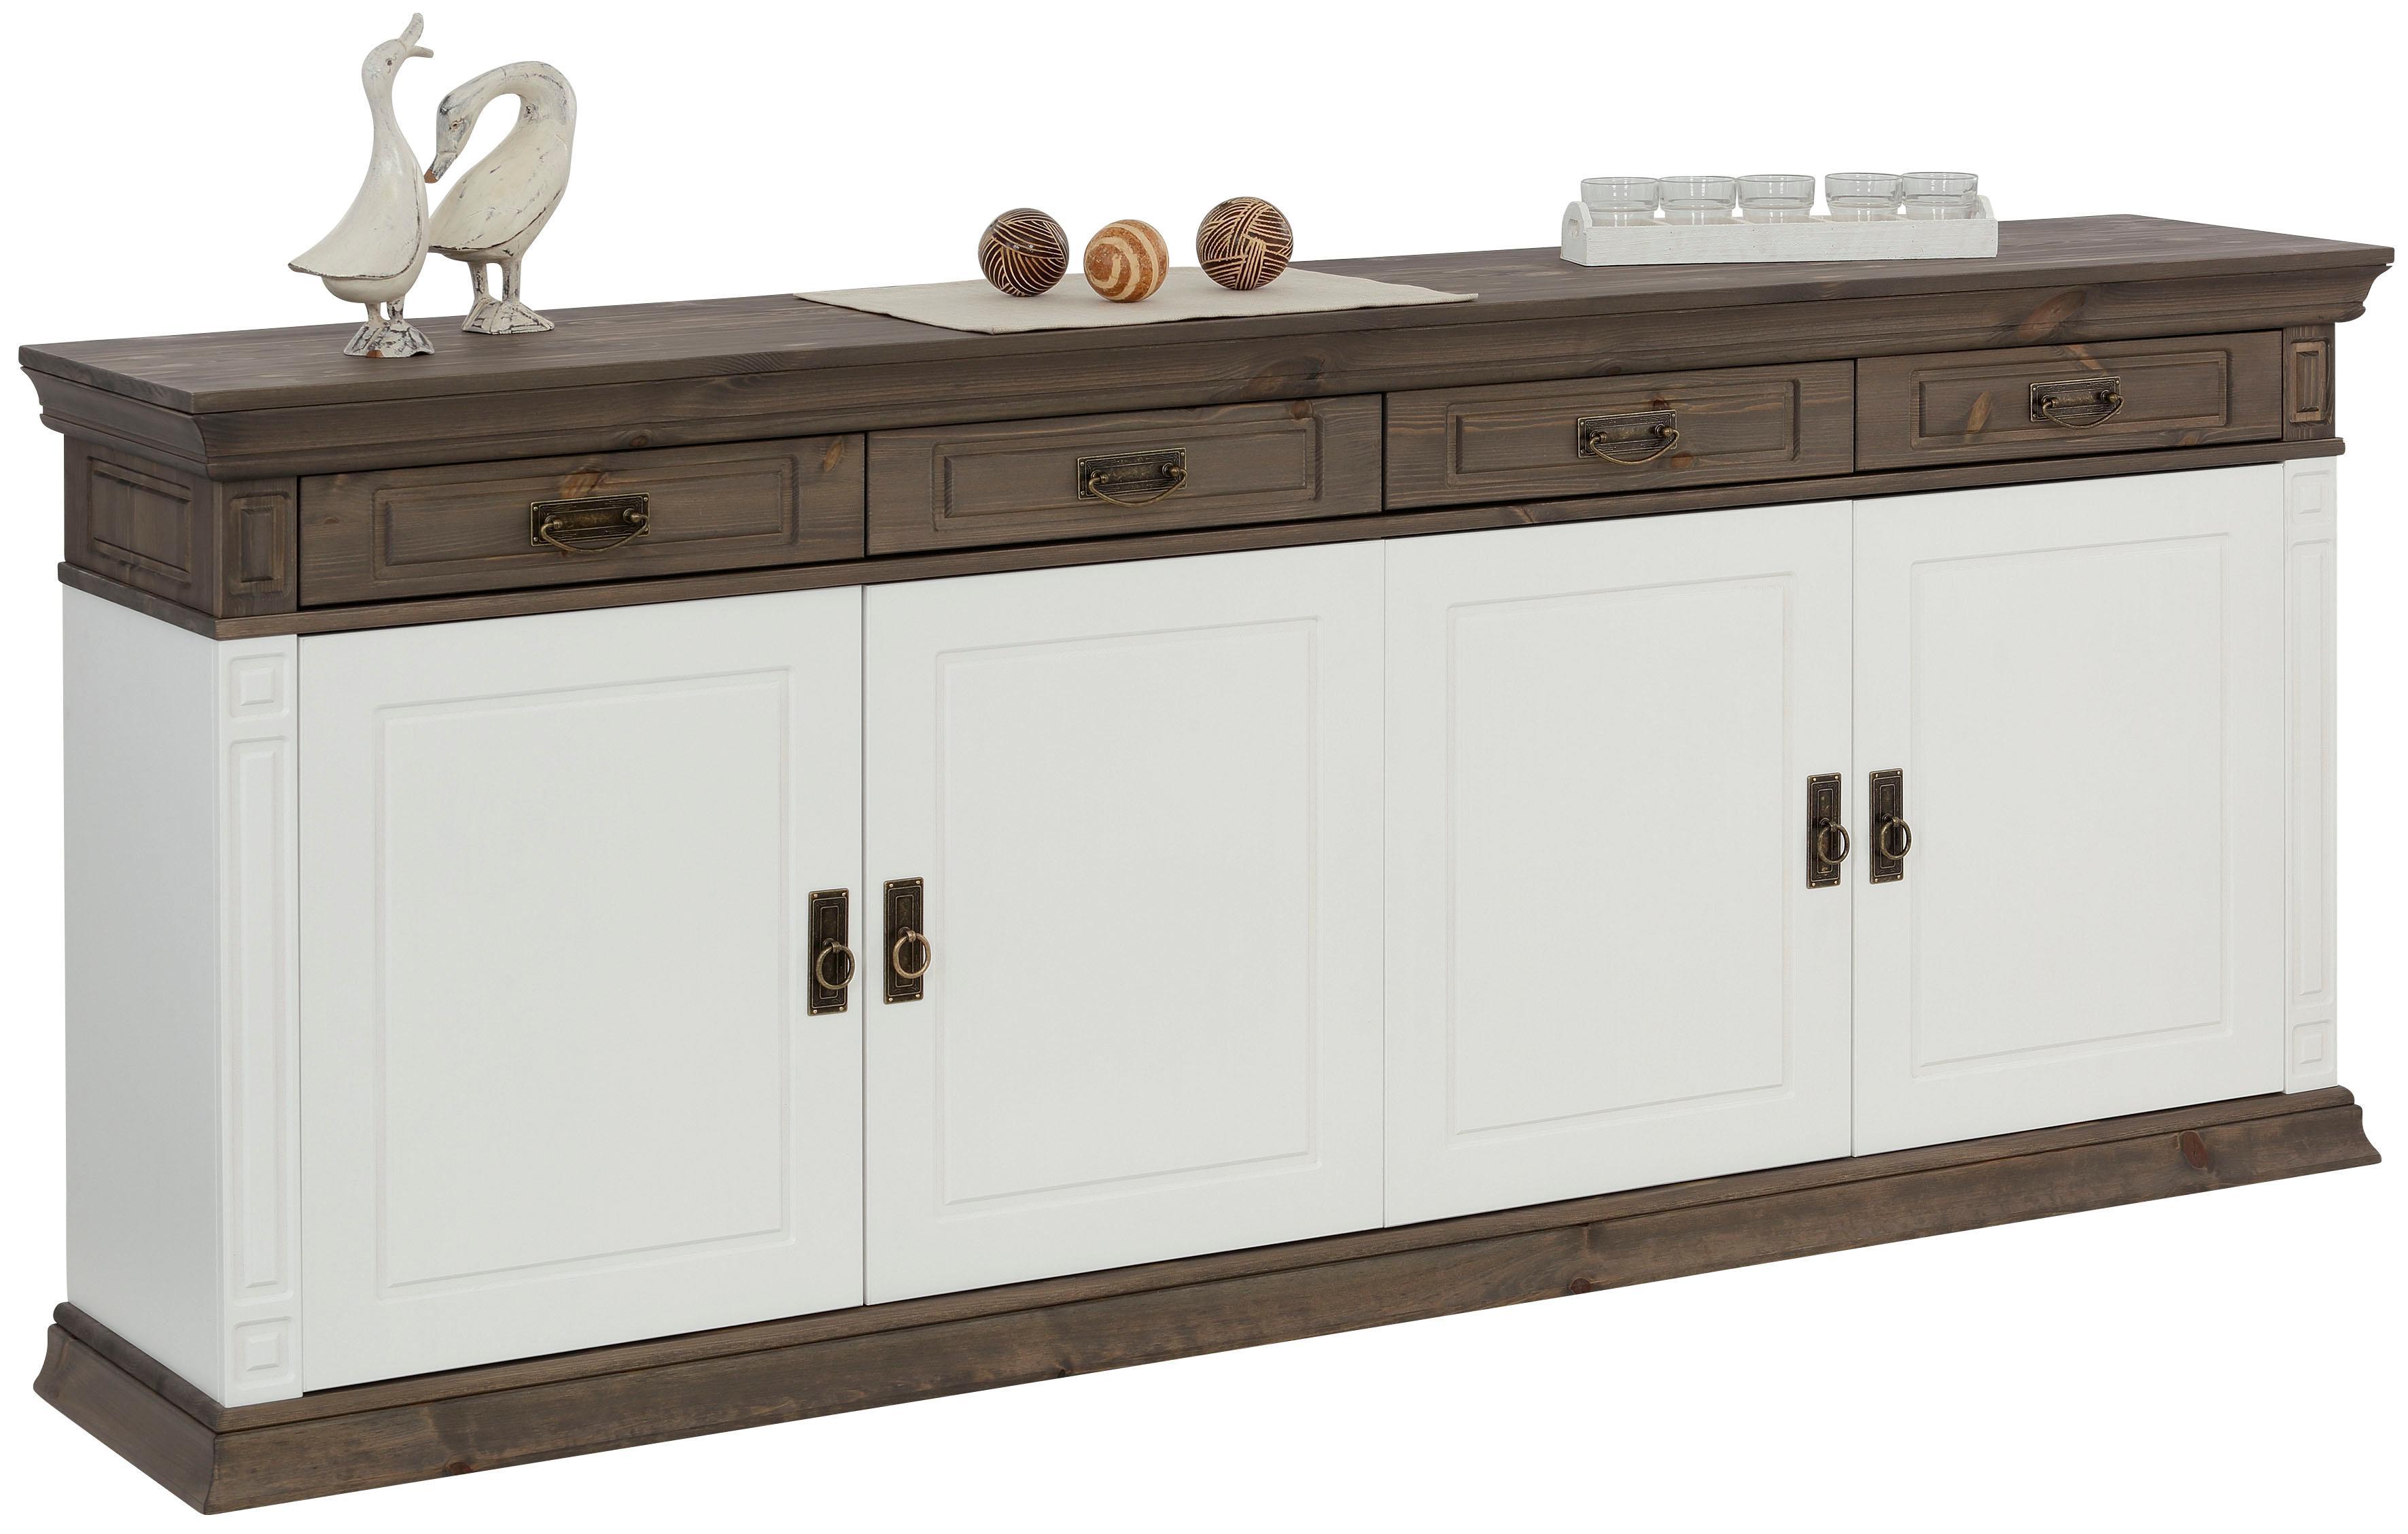 Home affaire Sideboard Vinales im klassischen Landhausstil Breite 204 cm